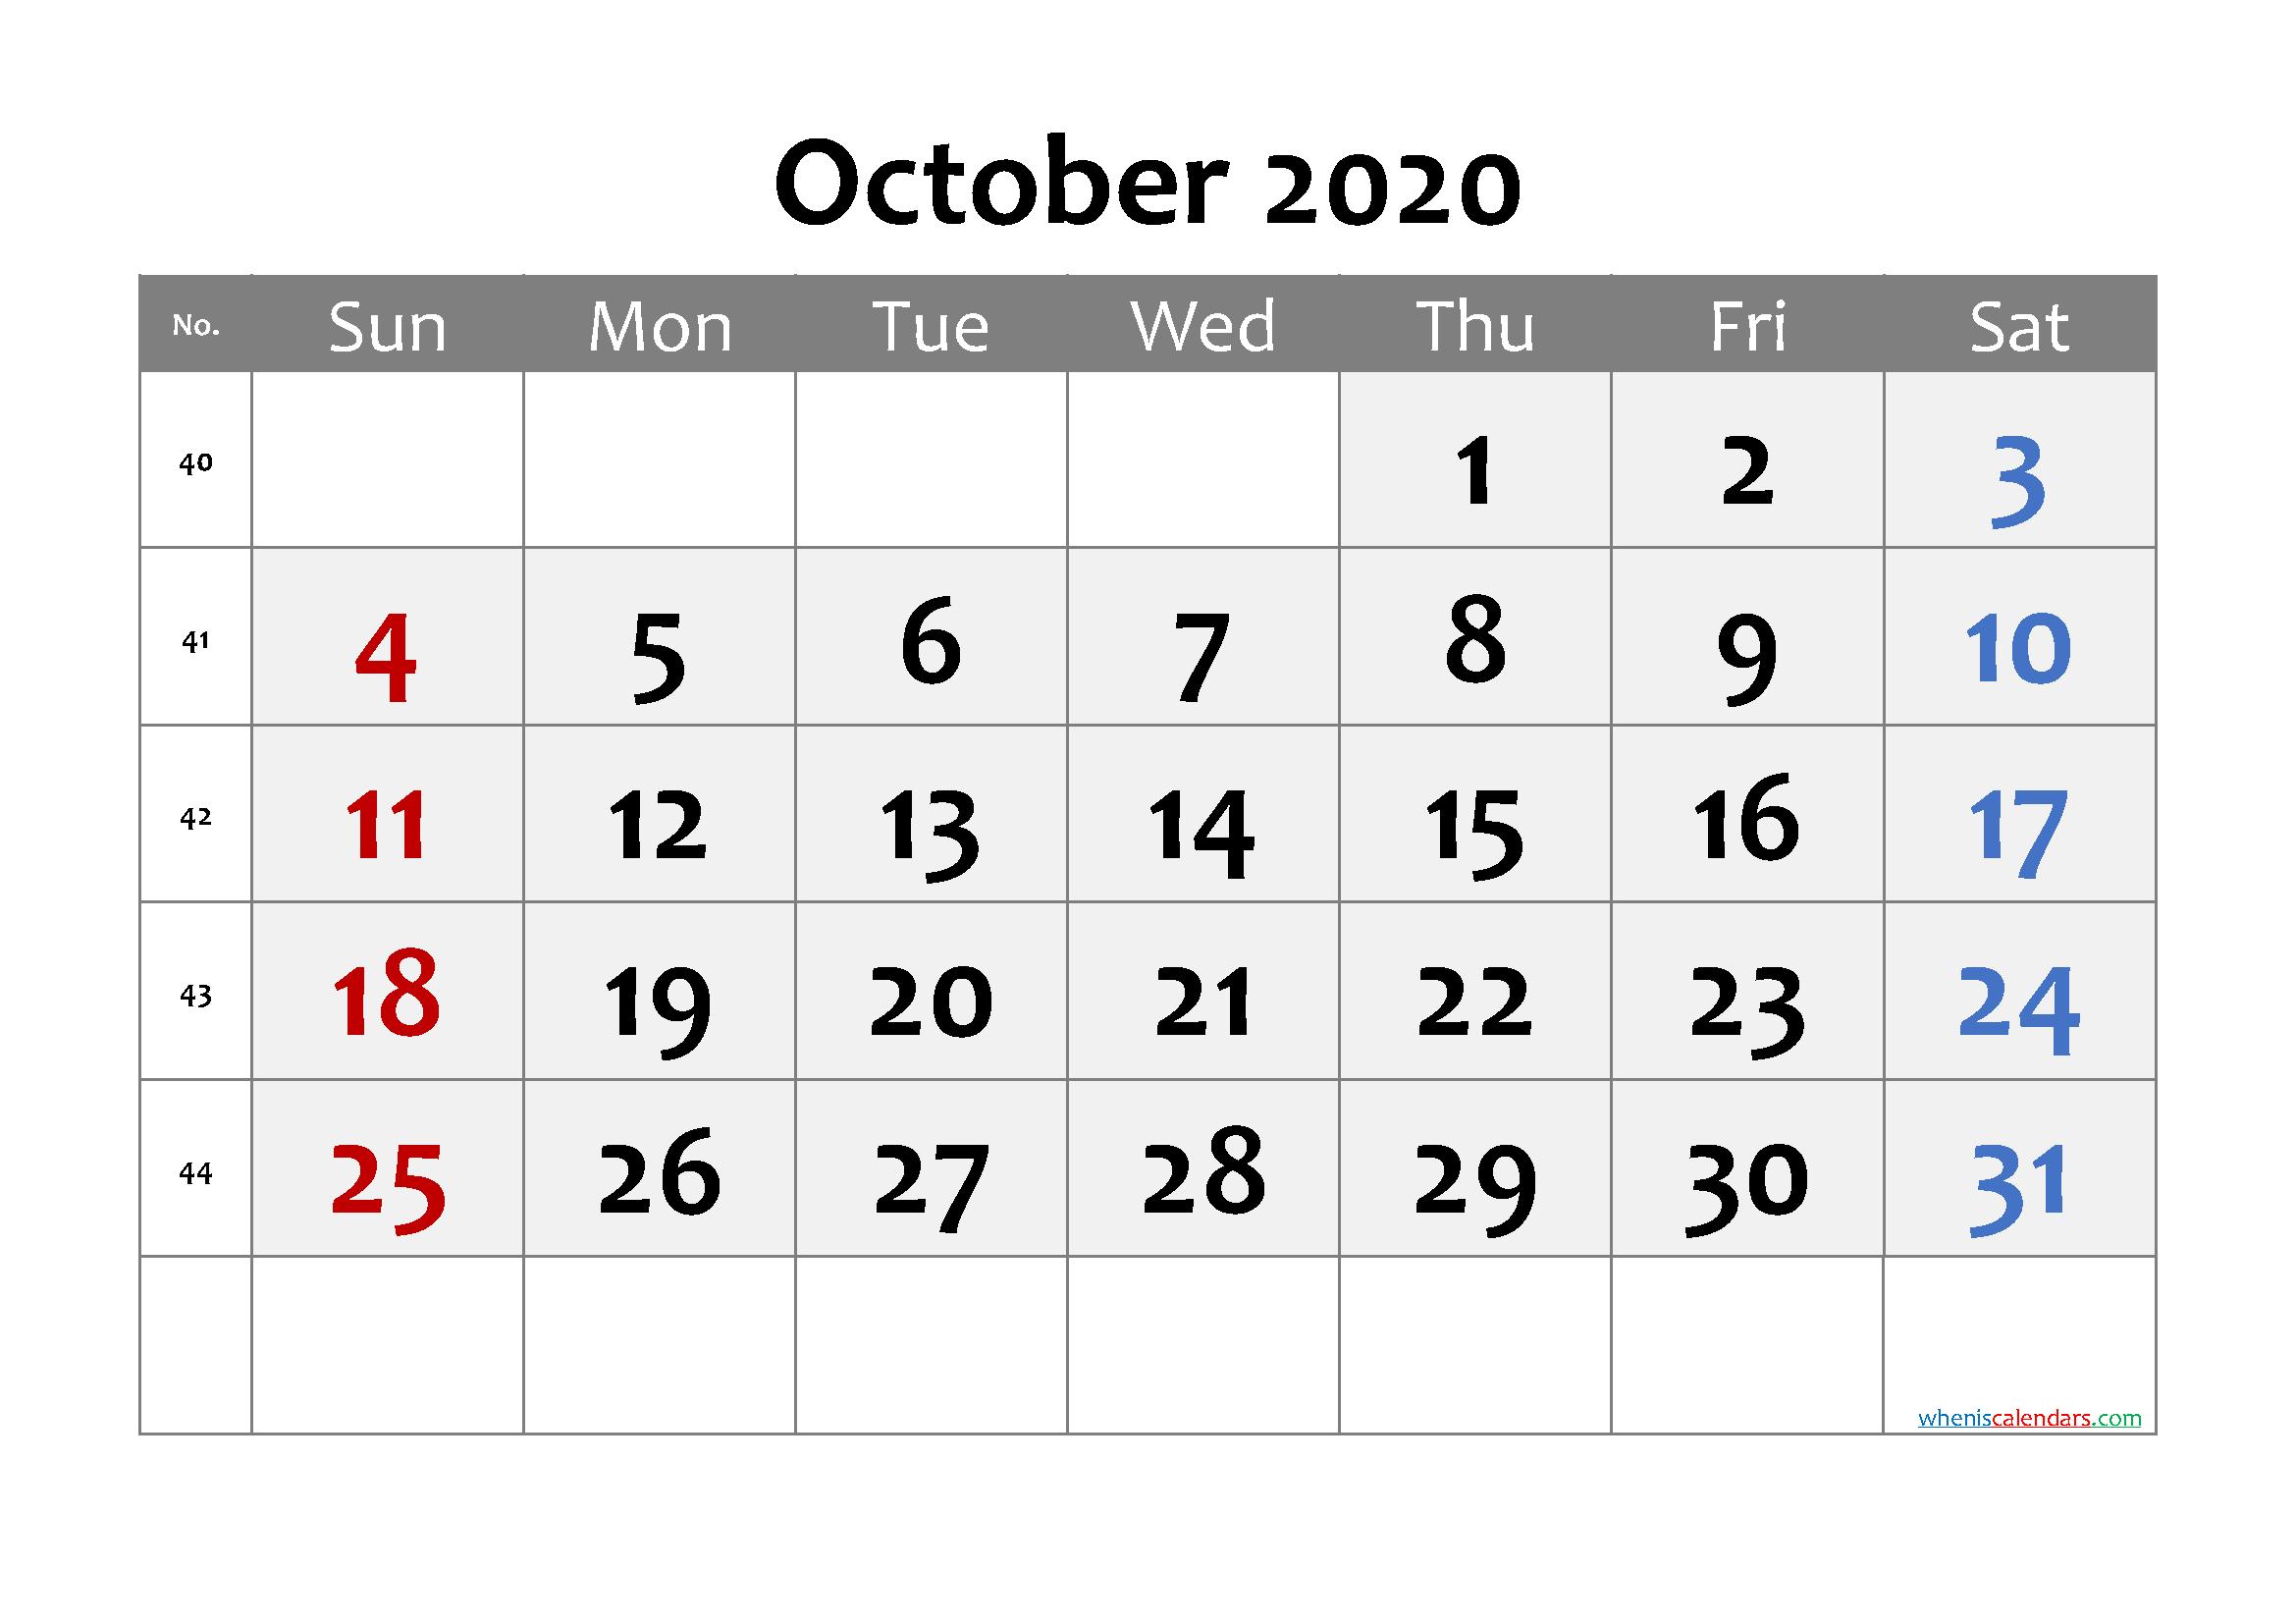 October 2020 Printable Calendar with Week Numbers